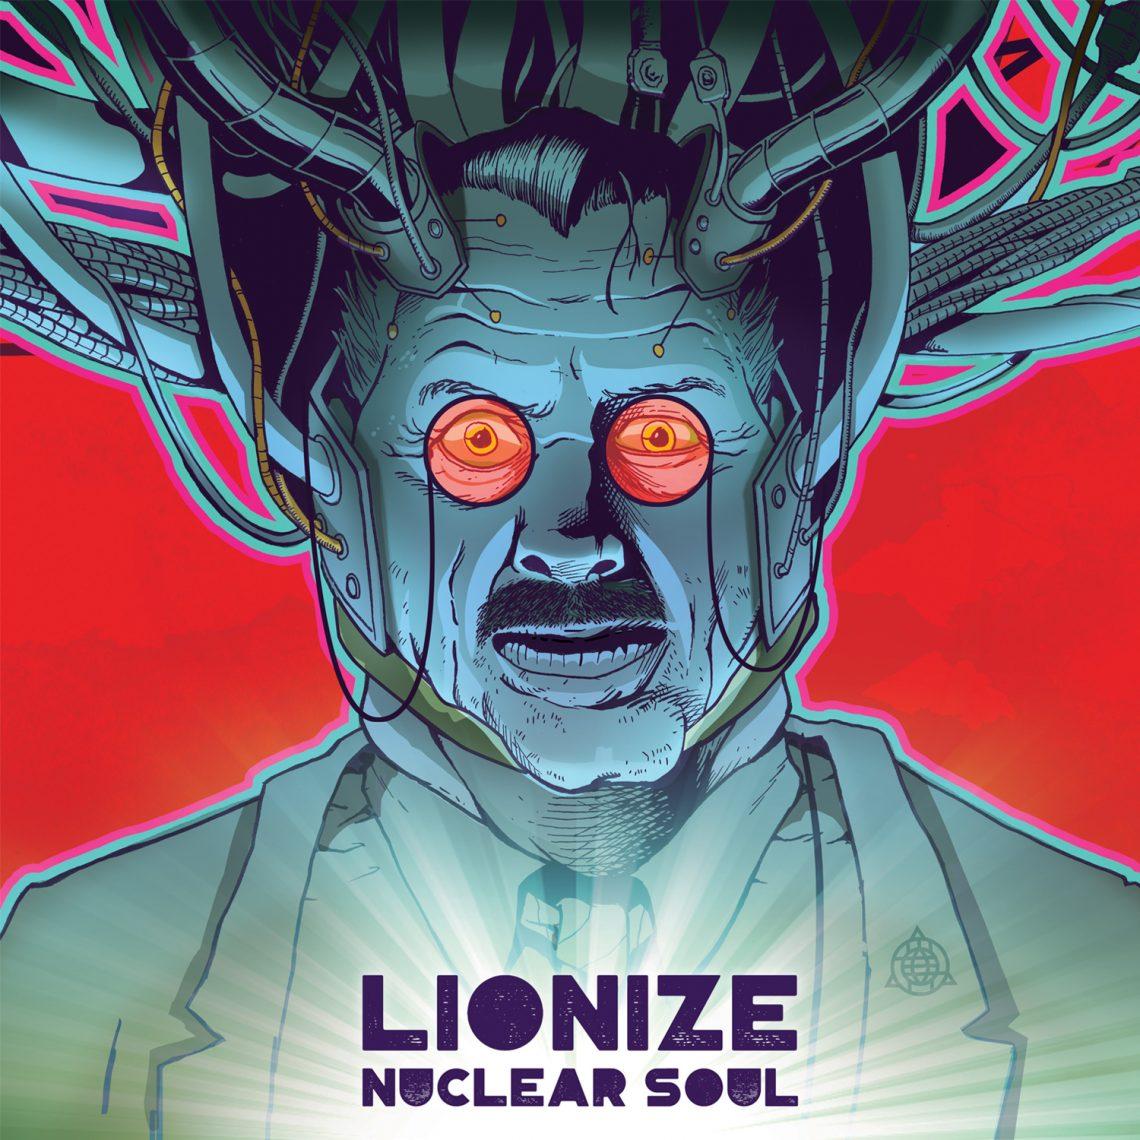 Lionize – Nuclear Soul